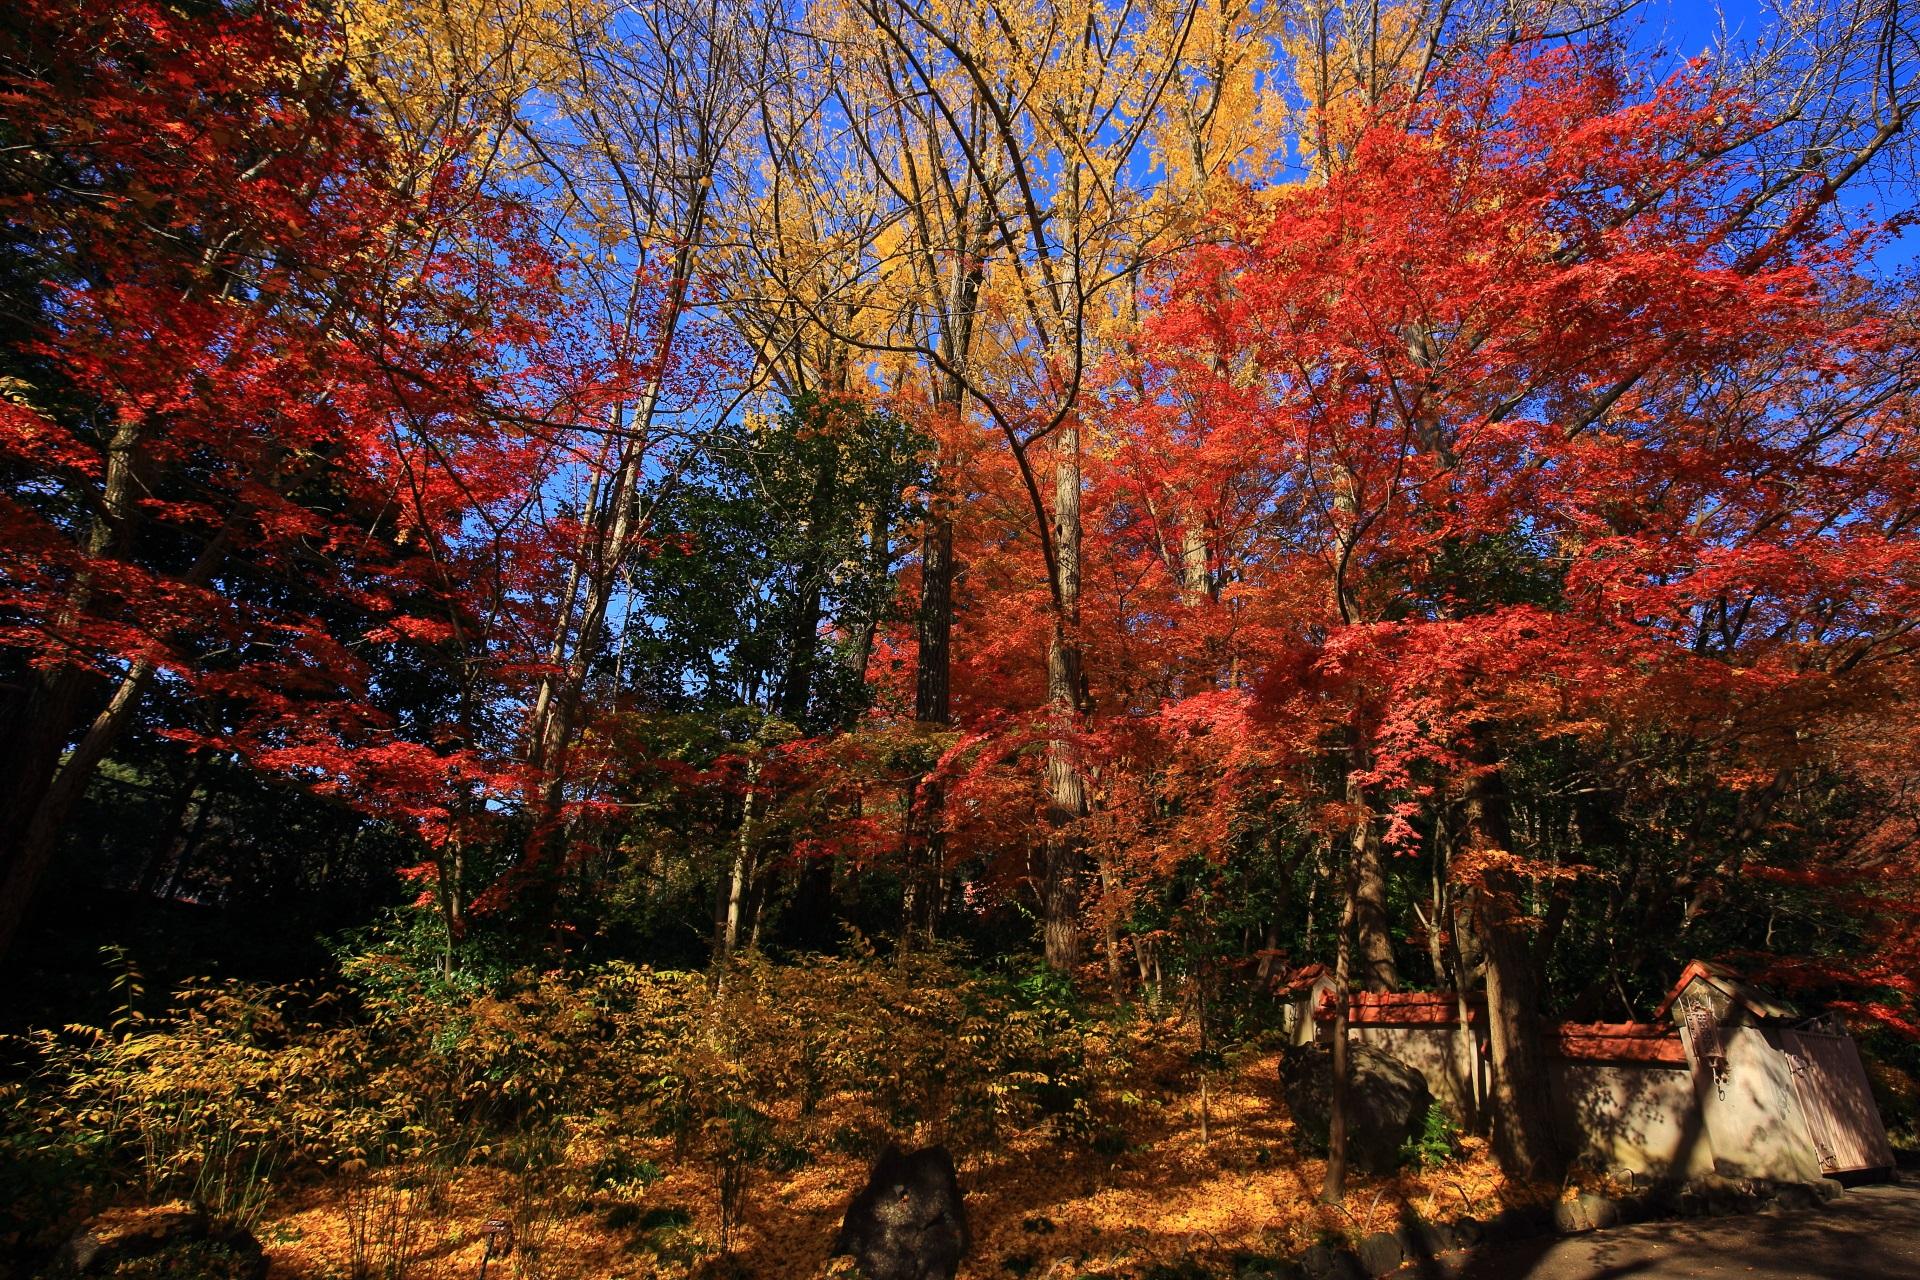 青空を秋色に染める真っ赤な紅葉と黄色い銀杏